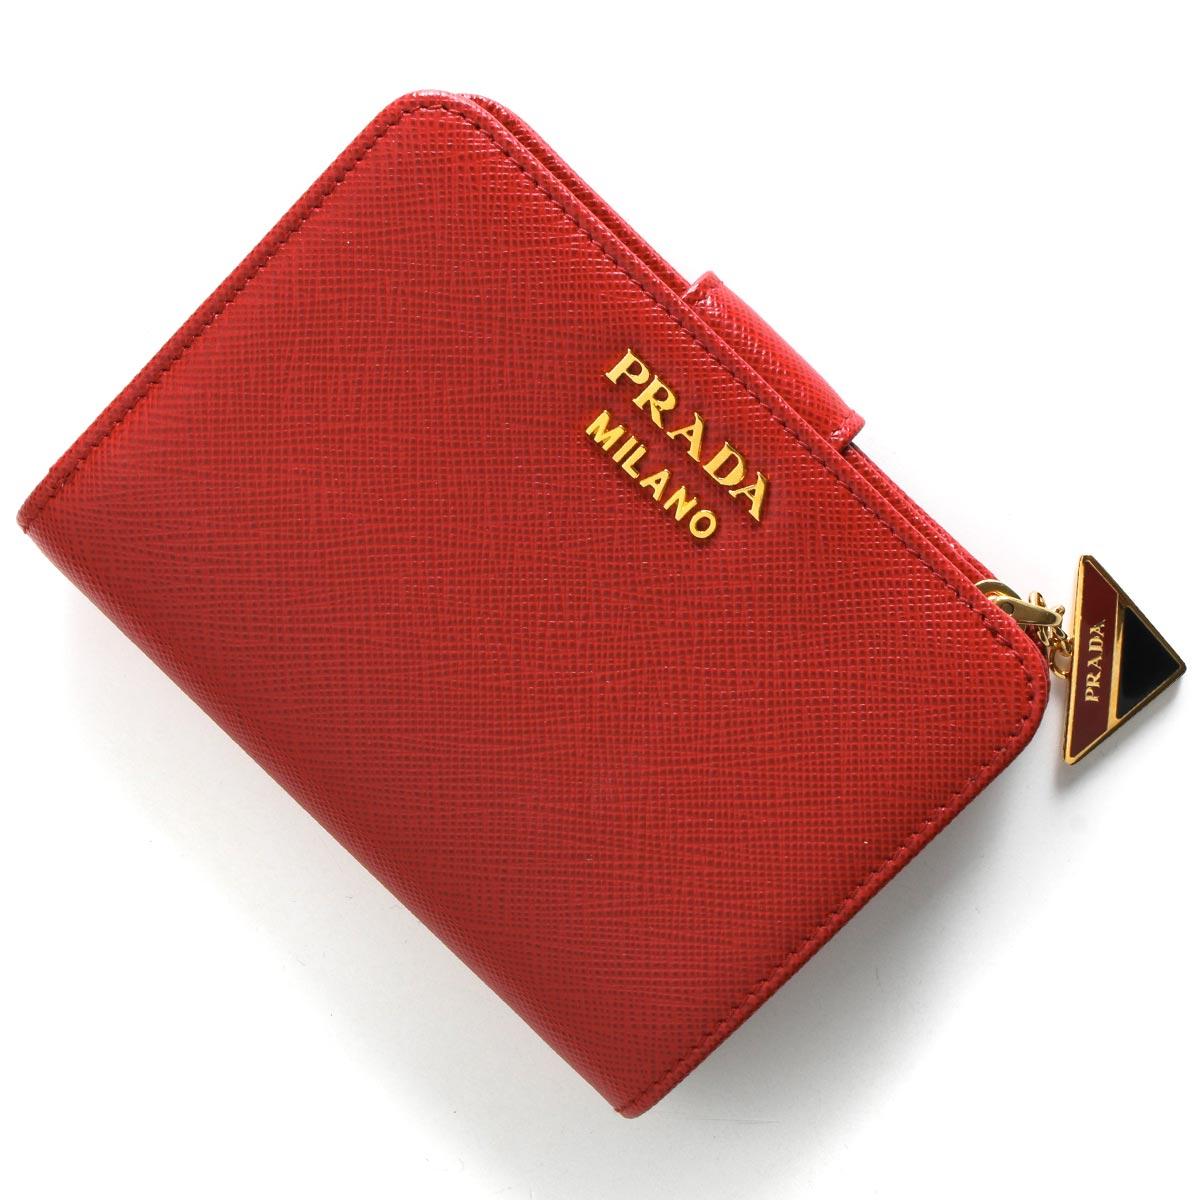 プラダ 二つ折り財布 財布 レディース サフィアーノ トライアングル 三角ロゴプレート フォーコレッド 1ML018 2CGD F068Z 2019年春夏新作 PRADA